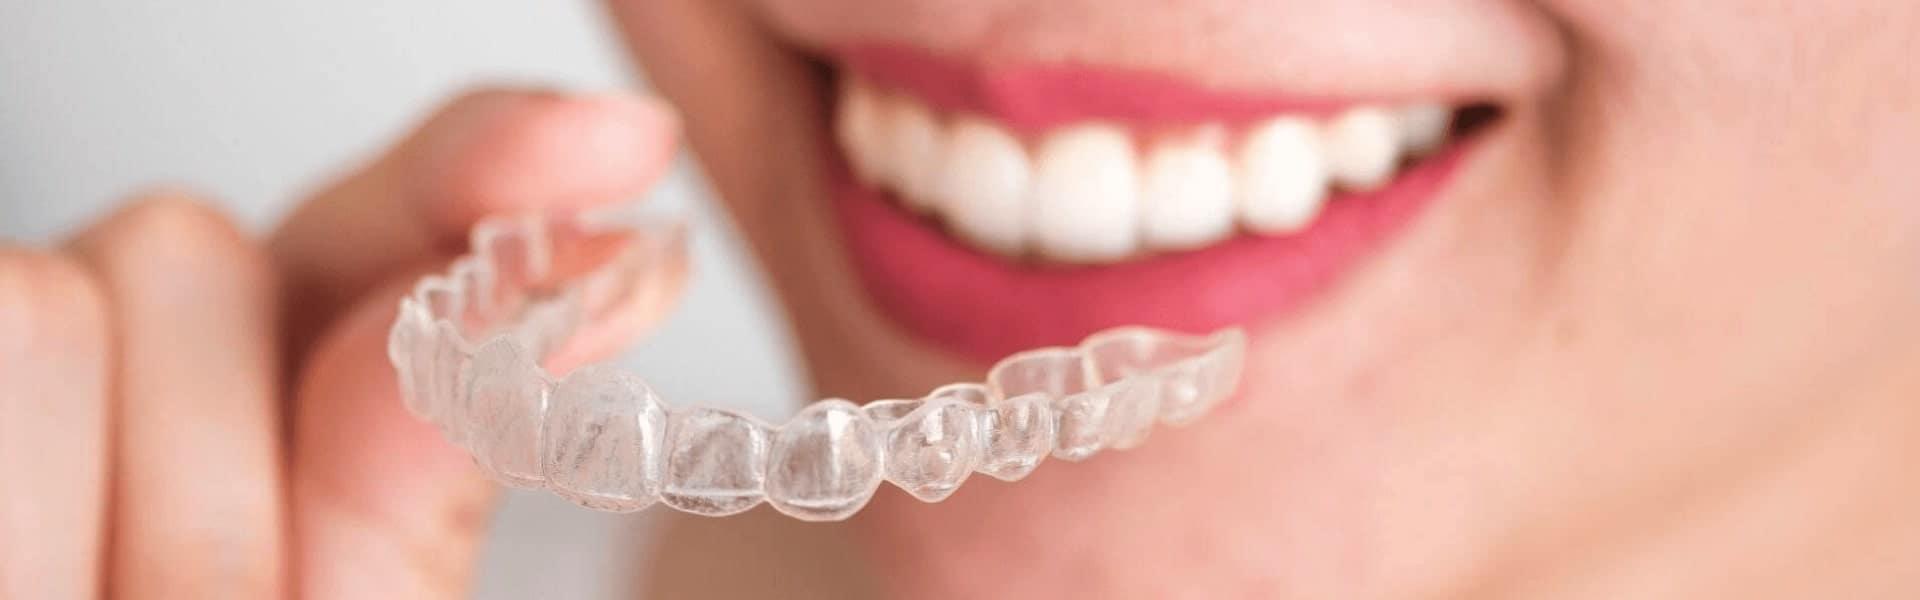 Prozirni aparatić za zube Invisalign - apparecchio trasparente invisalign